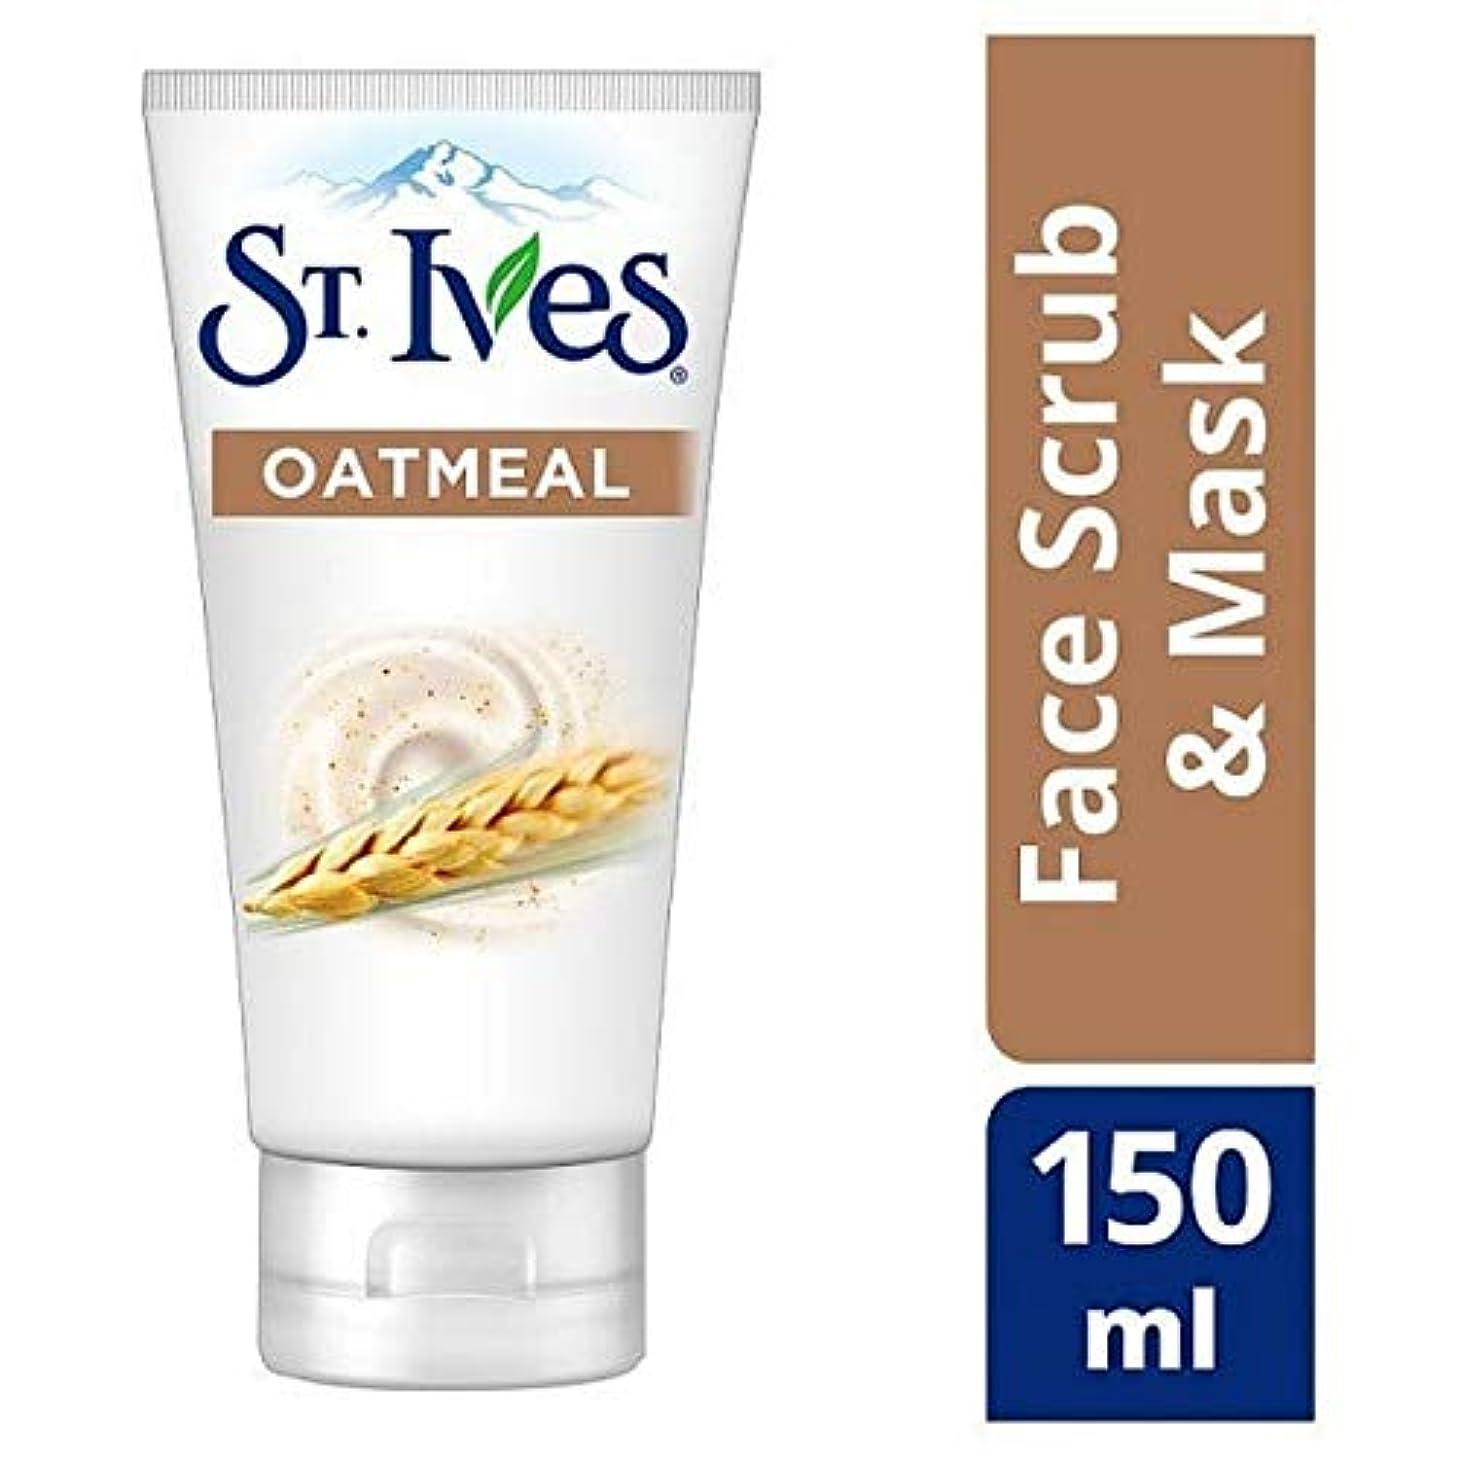 いわゆる岩神秘的な[St Ives] Stのアイヴスは栄養&フェイススクラブ150ミリリットルの真実 - St Ives Nourishing & Sooth Face Scrub 150ml [並行輸入品]